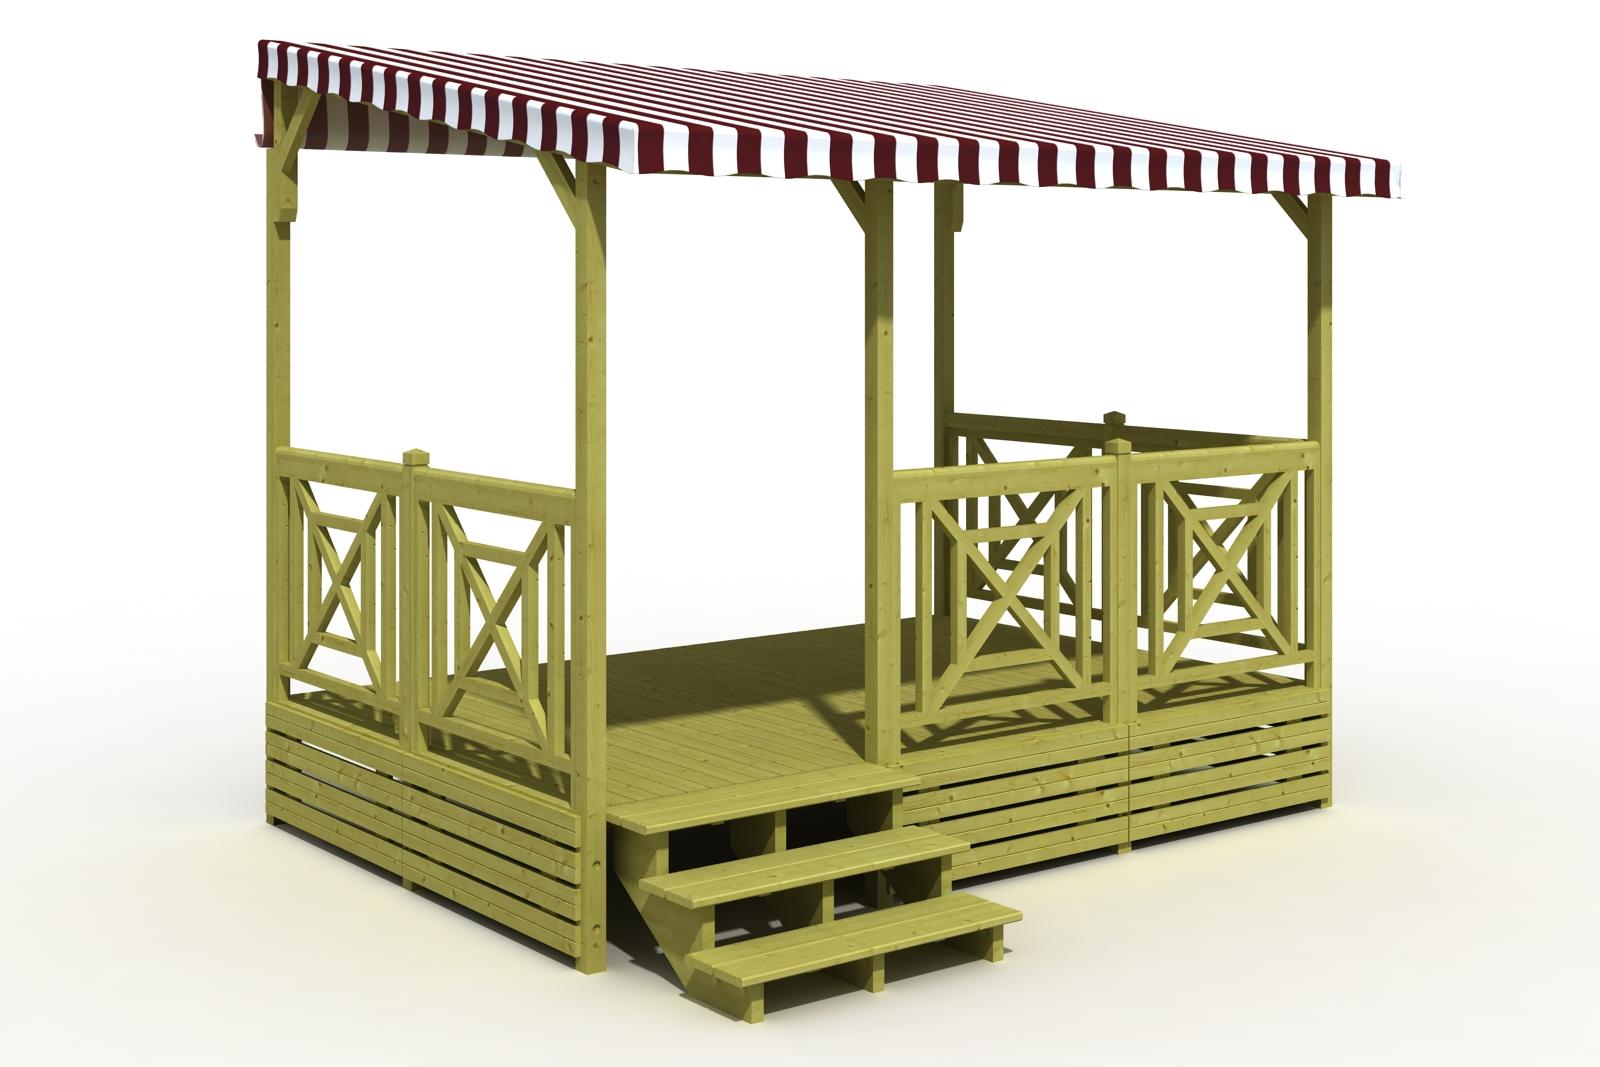 Terrasse mobil home en bois couverte avec option croix de Saint André